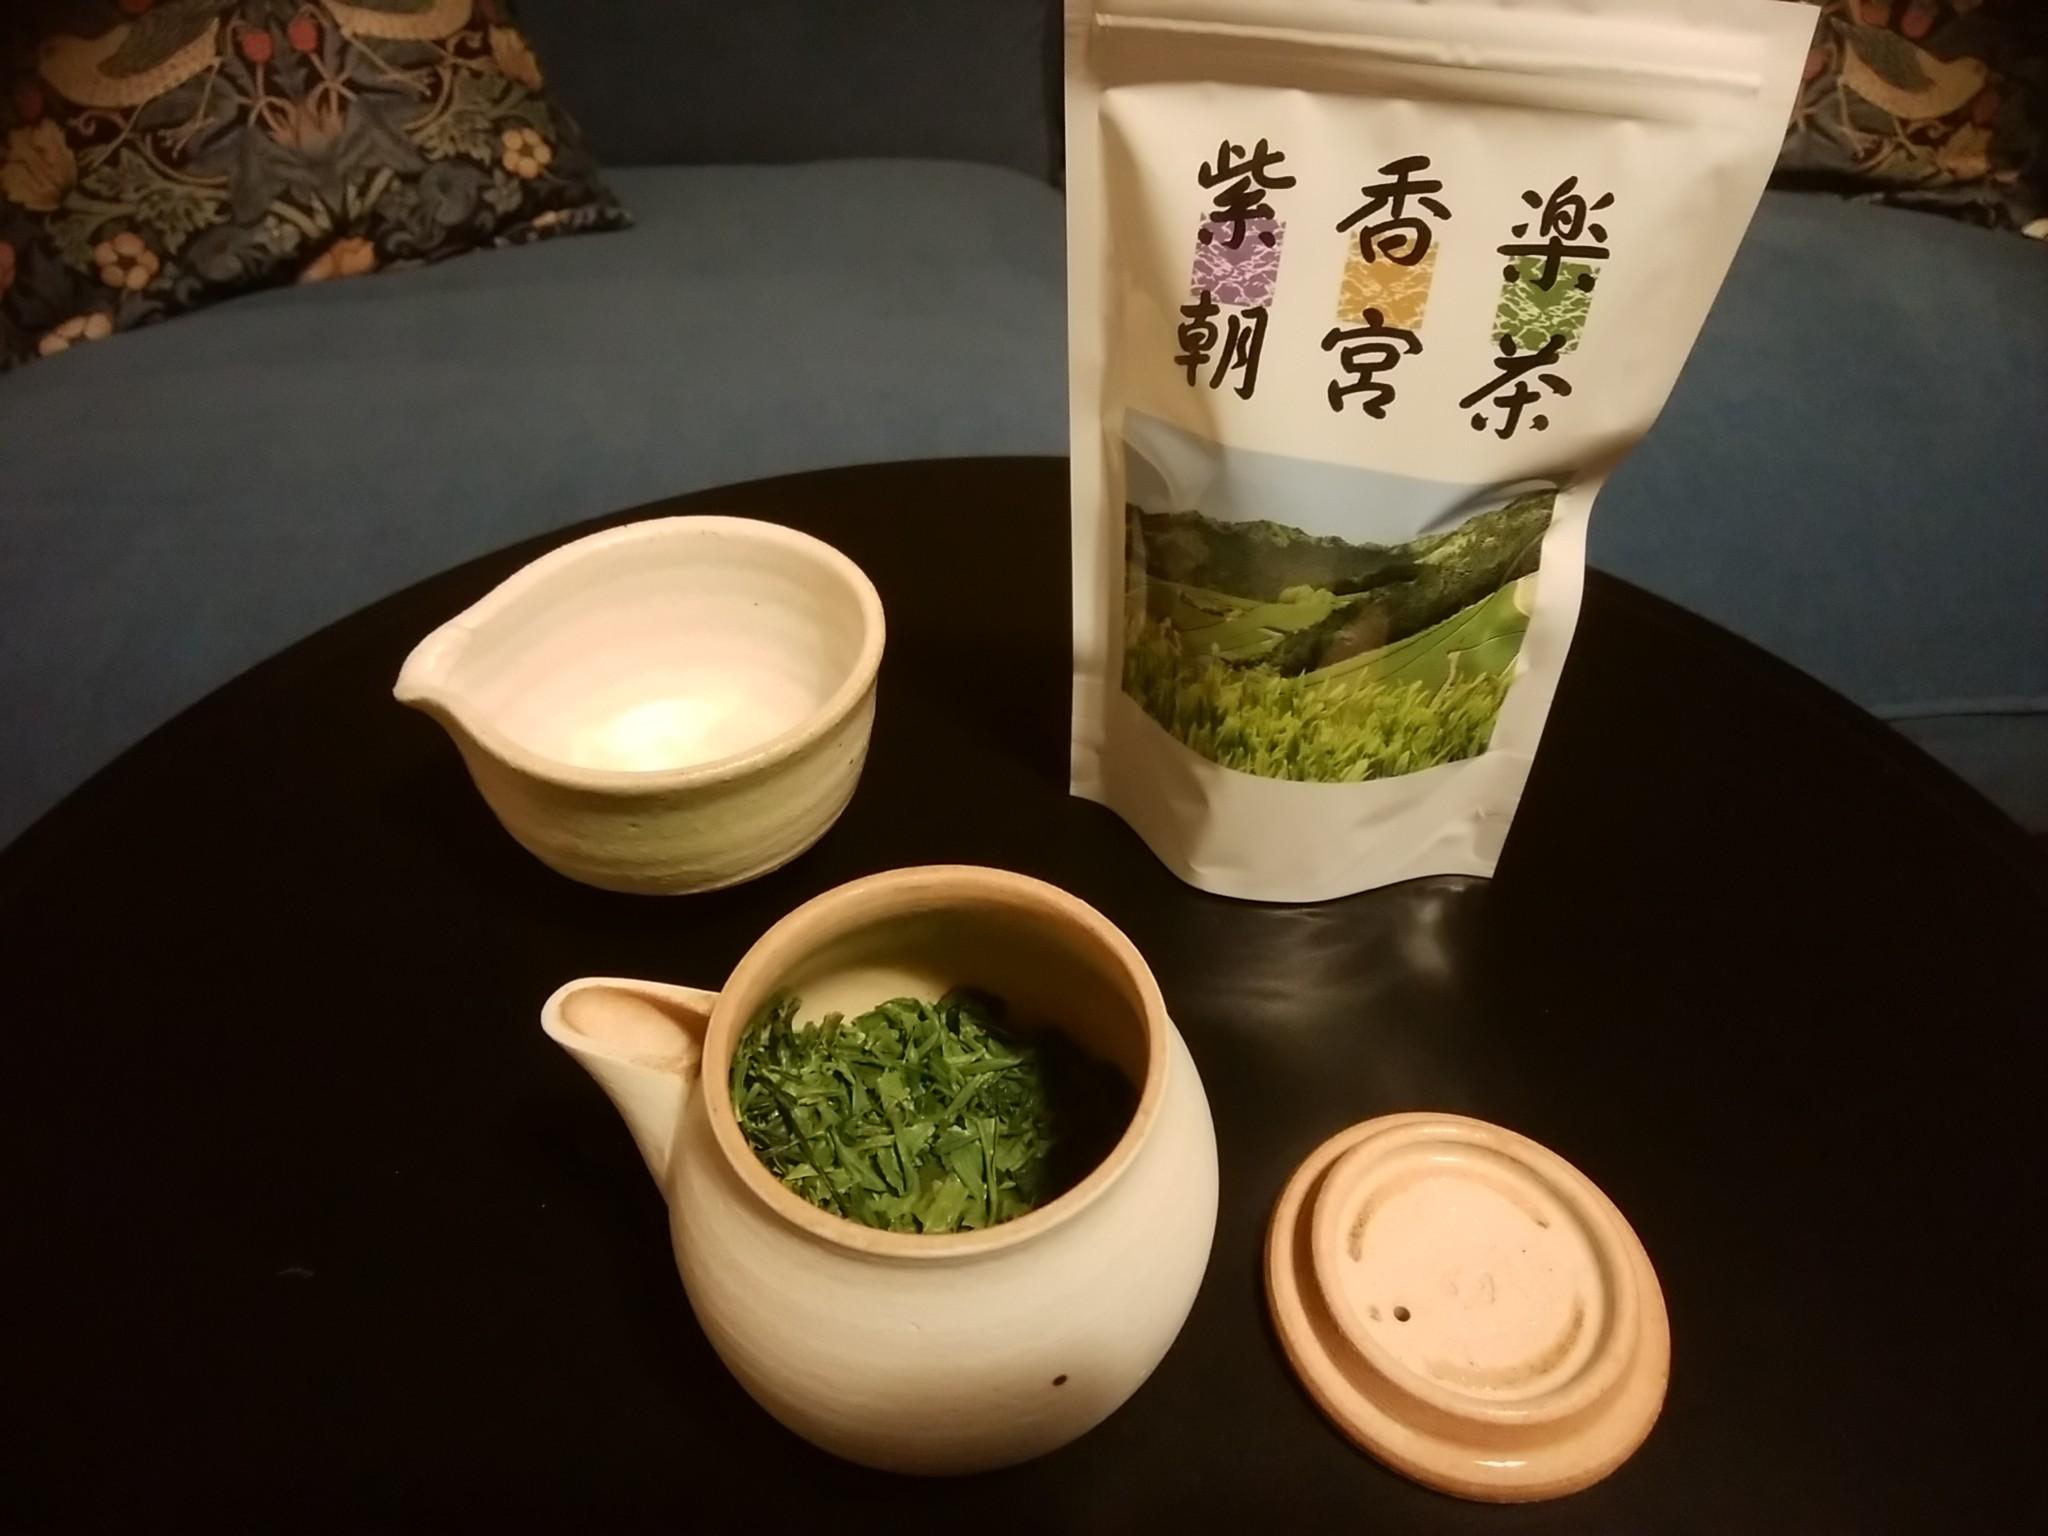 #ハードル高いと思われがちな煎茶の楽しみ方~器から食べ方まで~